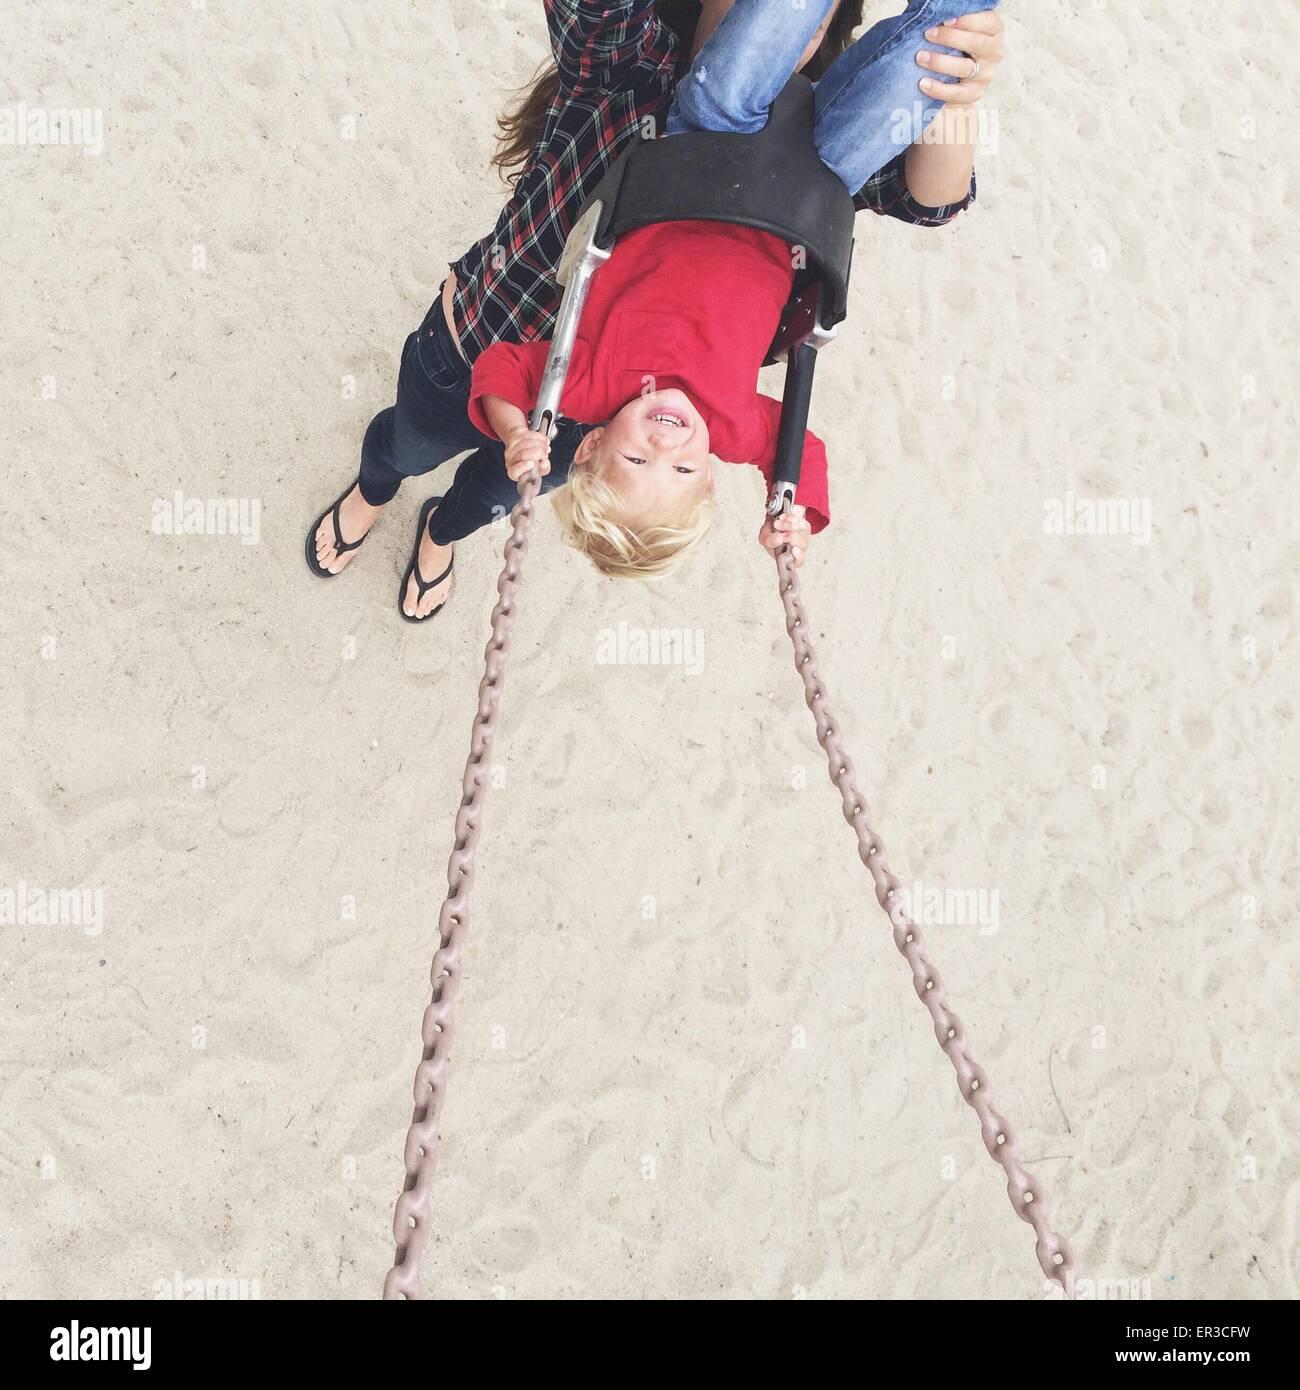 Vista elevada de una mujer empujando a su hijo en un columpio Imagen De Stock